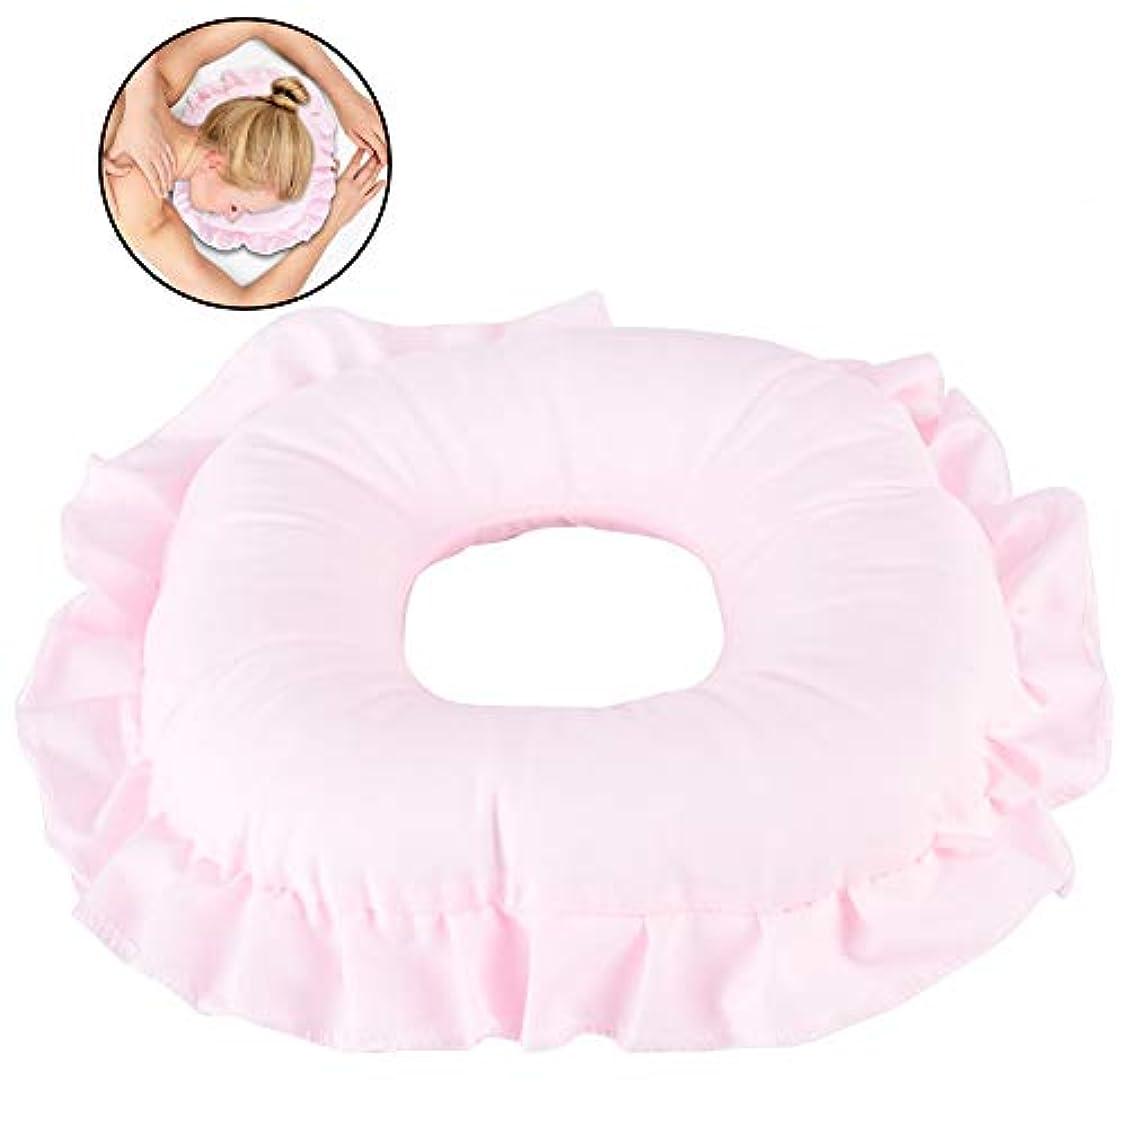 ハッピー札入れ気候の山スパマッサージ枕、ポリエステル顔リラックスサロンケア中空枕仮眠クッション(ピンク)